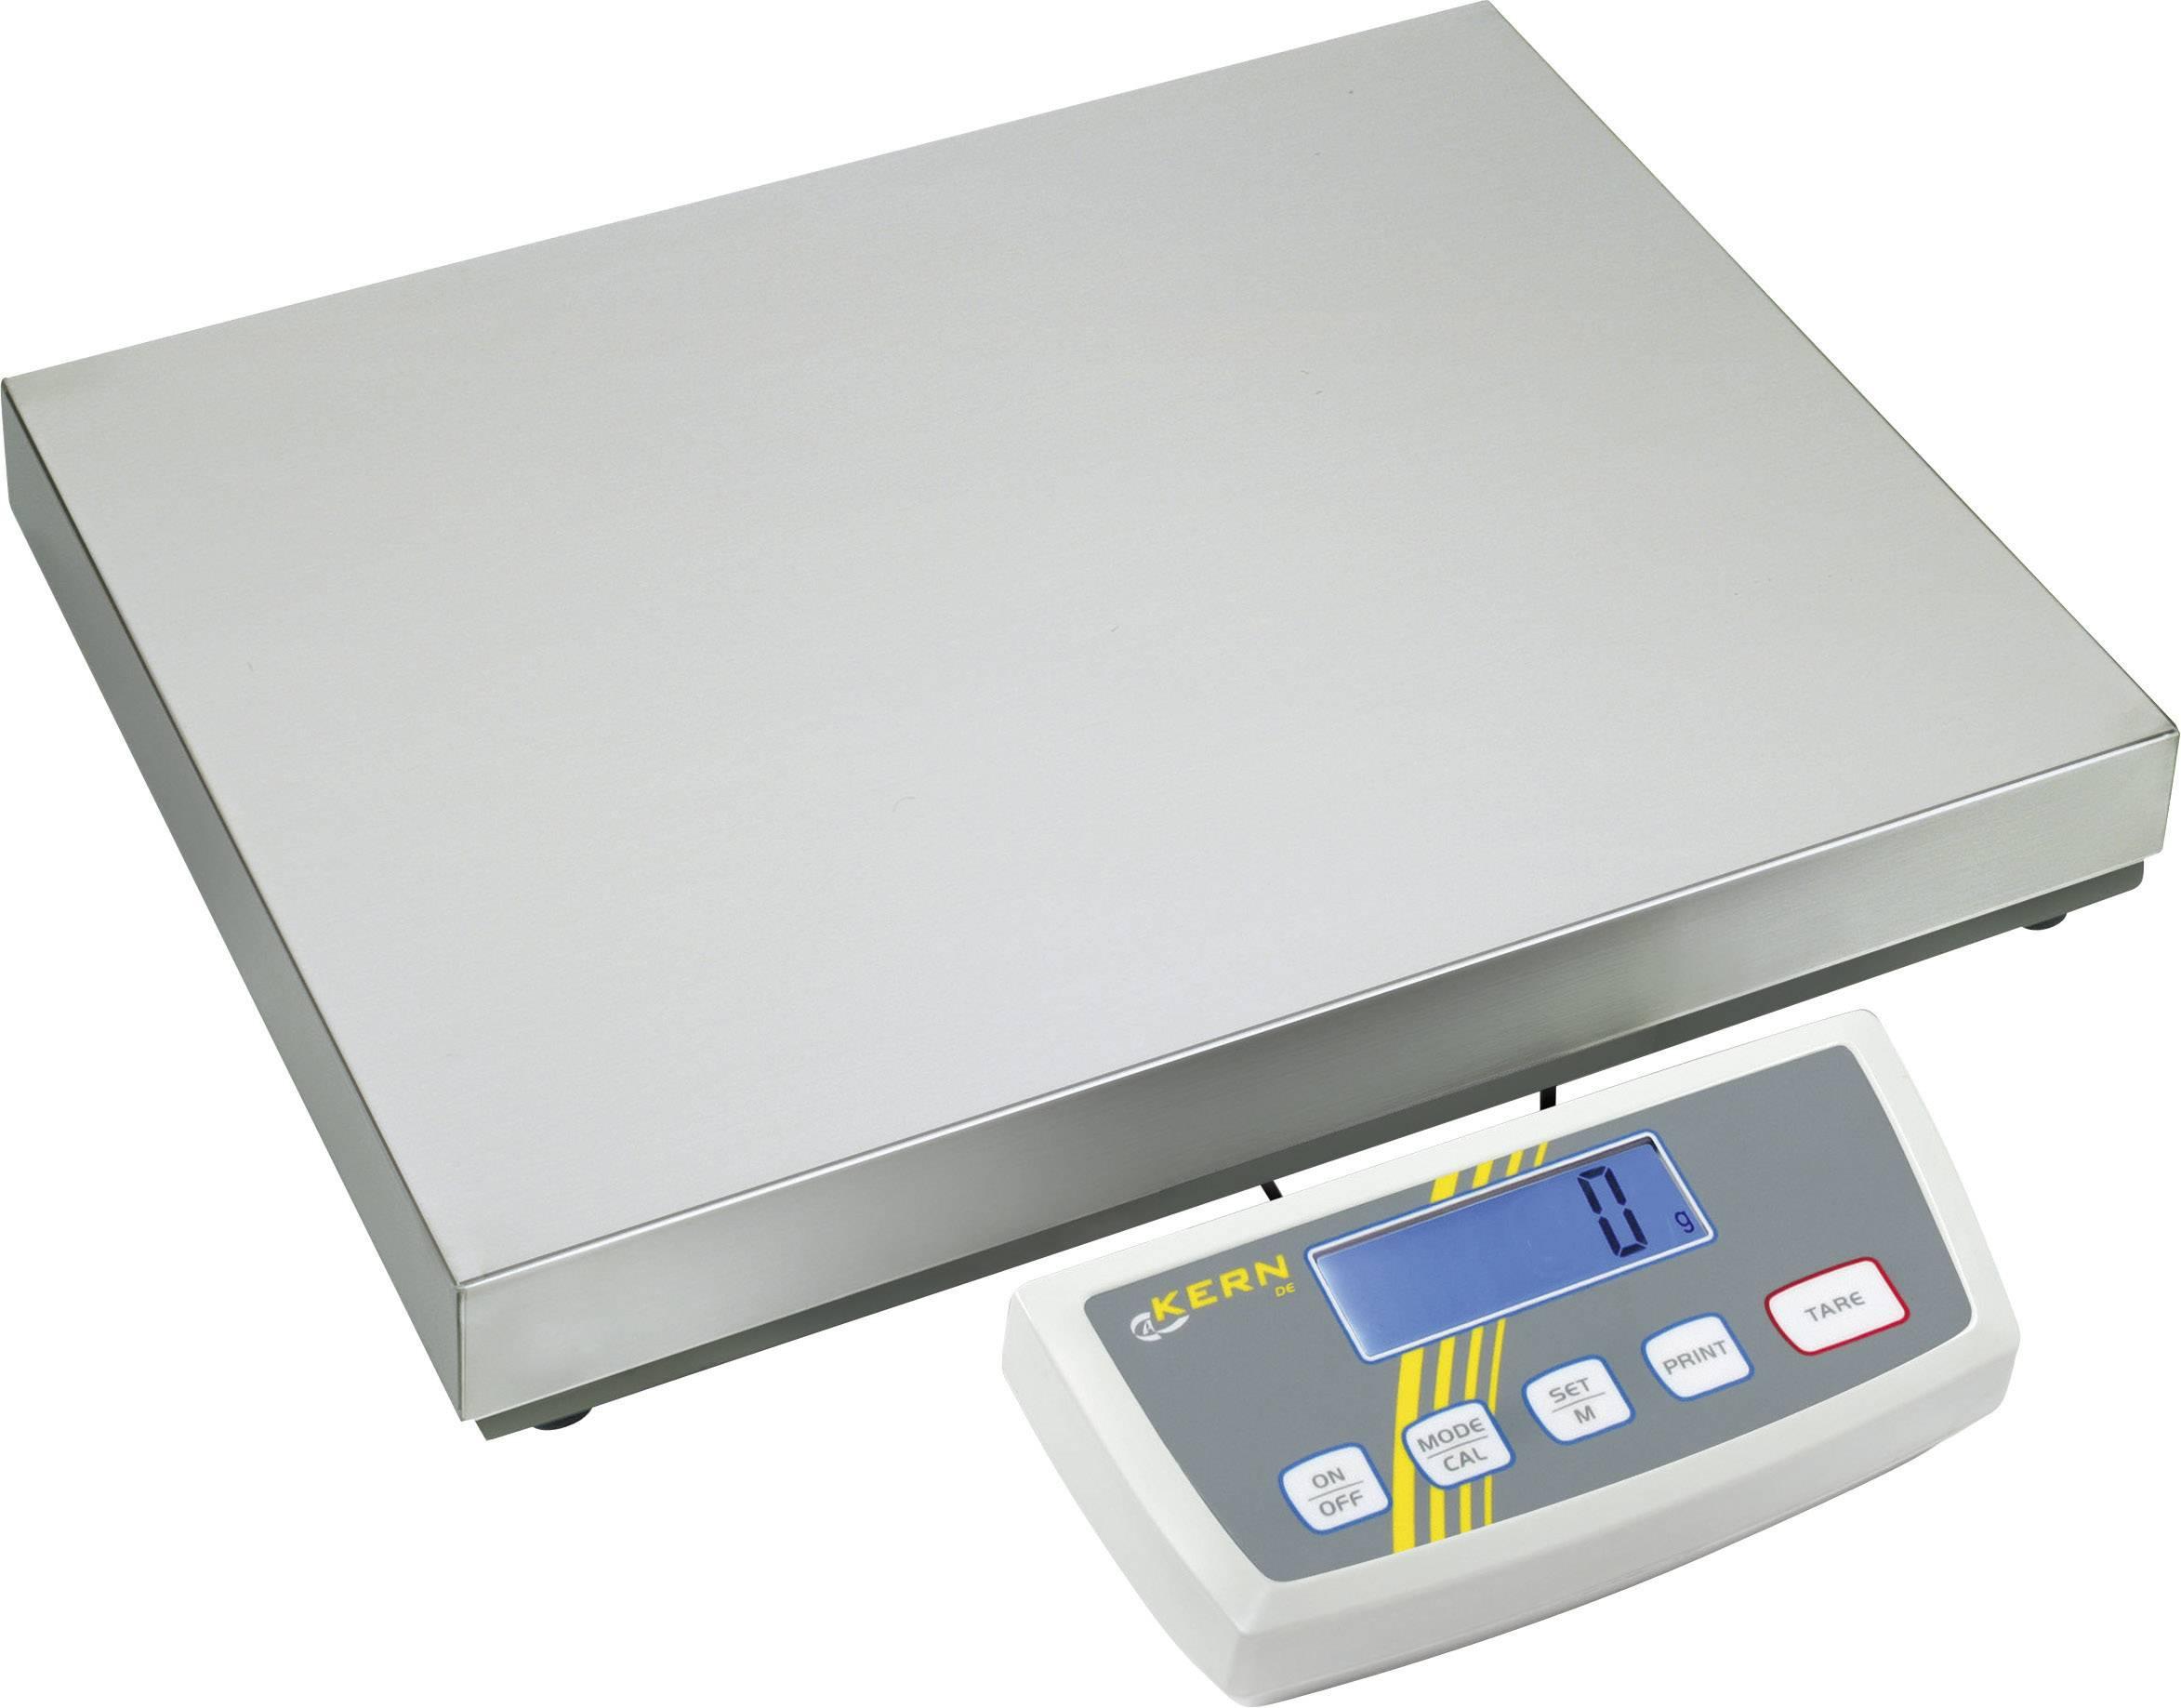 Plošinová váha Kern DE 300K50D, presnosť 50 g, 100 g, max. váživosť 300 kg